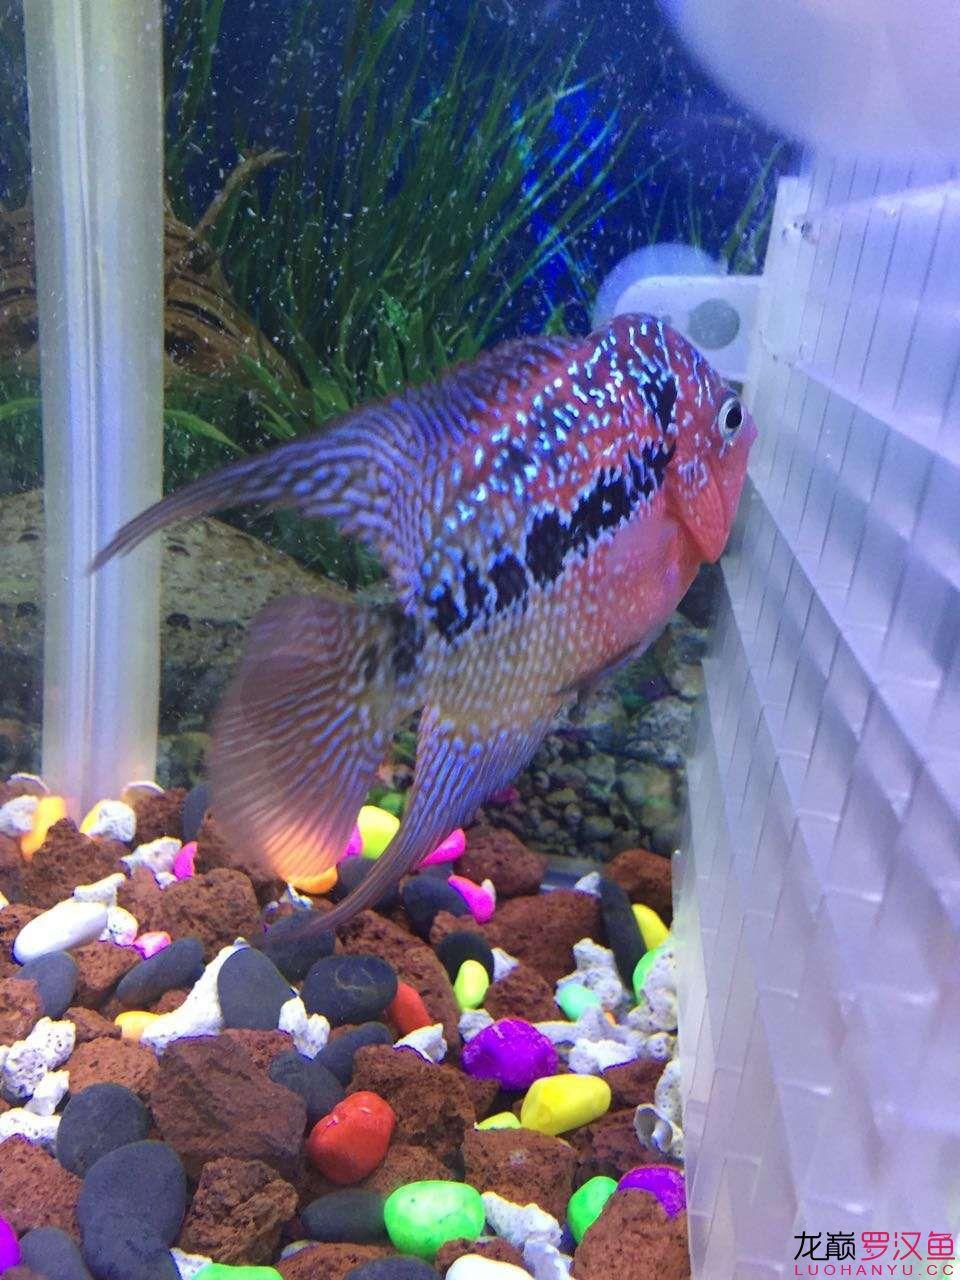 新入手的一天小泰金 西安观赏鱼信息 西安博特第4张